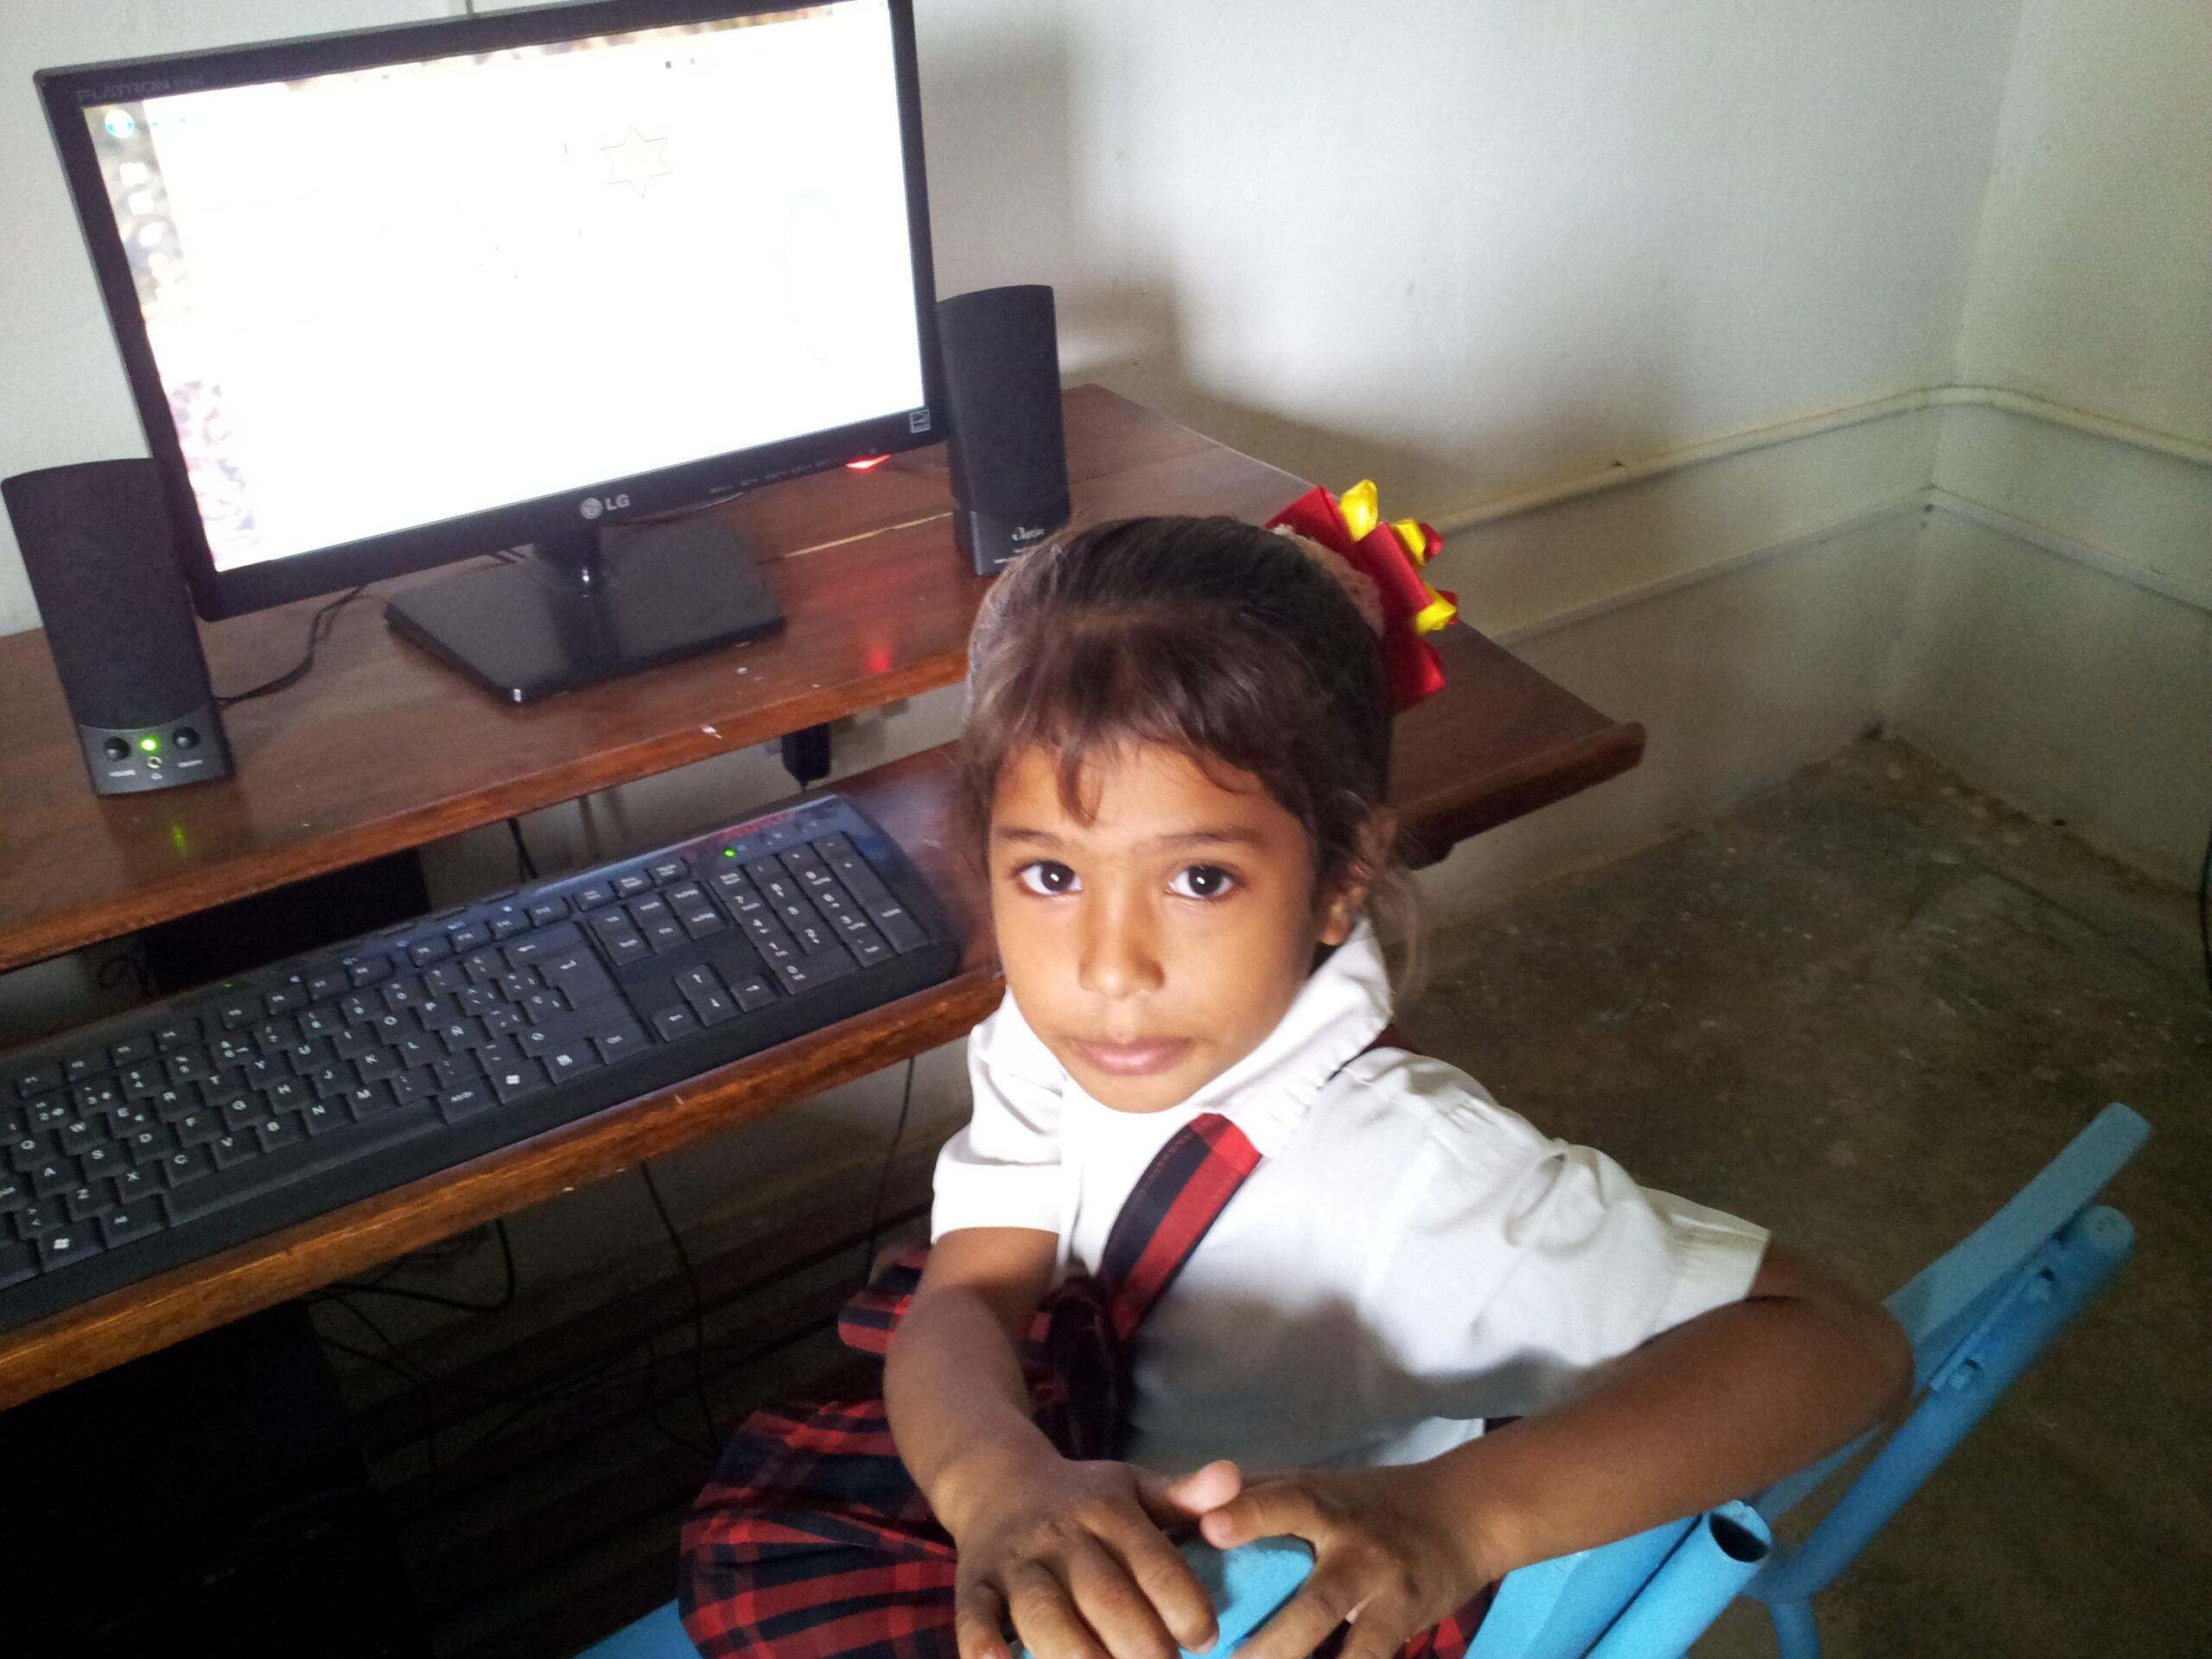 La brecha digital impacta en la educación de los niños en riesgo de exclusión social